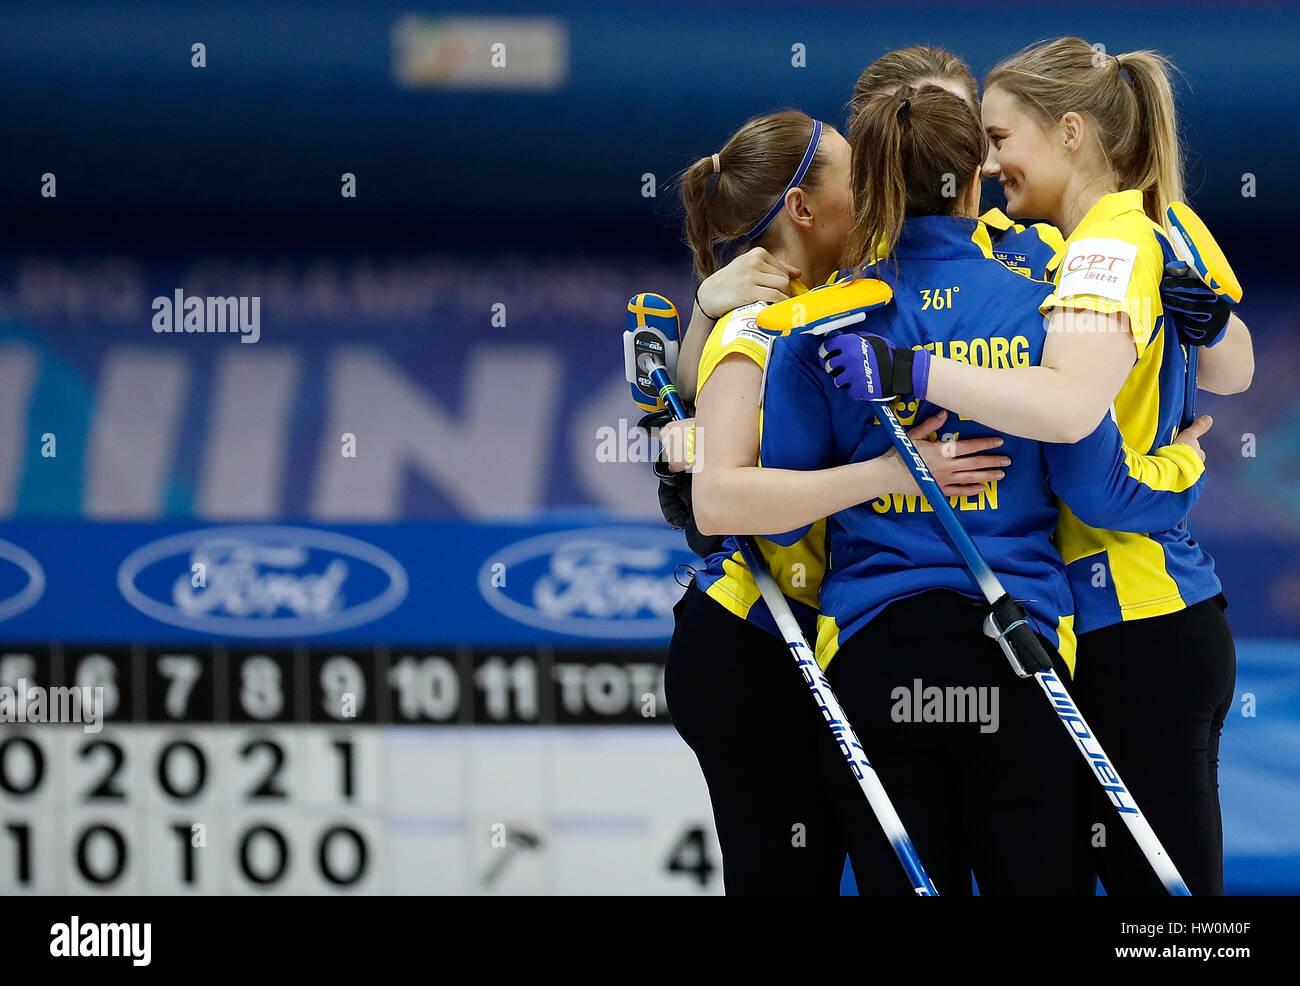 Peking, China. 23. März 2017. Spieler von Schweden feiern nach der Frauen Curling Championship Round Robin-match gegen China in Peking, Hauptstadt von China, 23. März 2017. Schweden gewann 10-4. Bildnachweis: Wang Lili/Xinhua/Alamy Live-Nachrichten Stockfoto